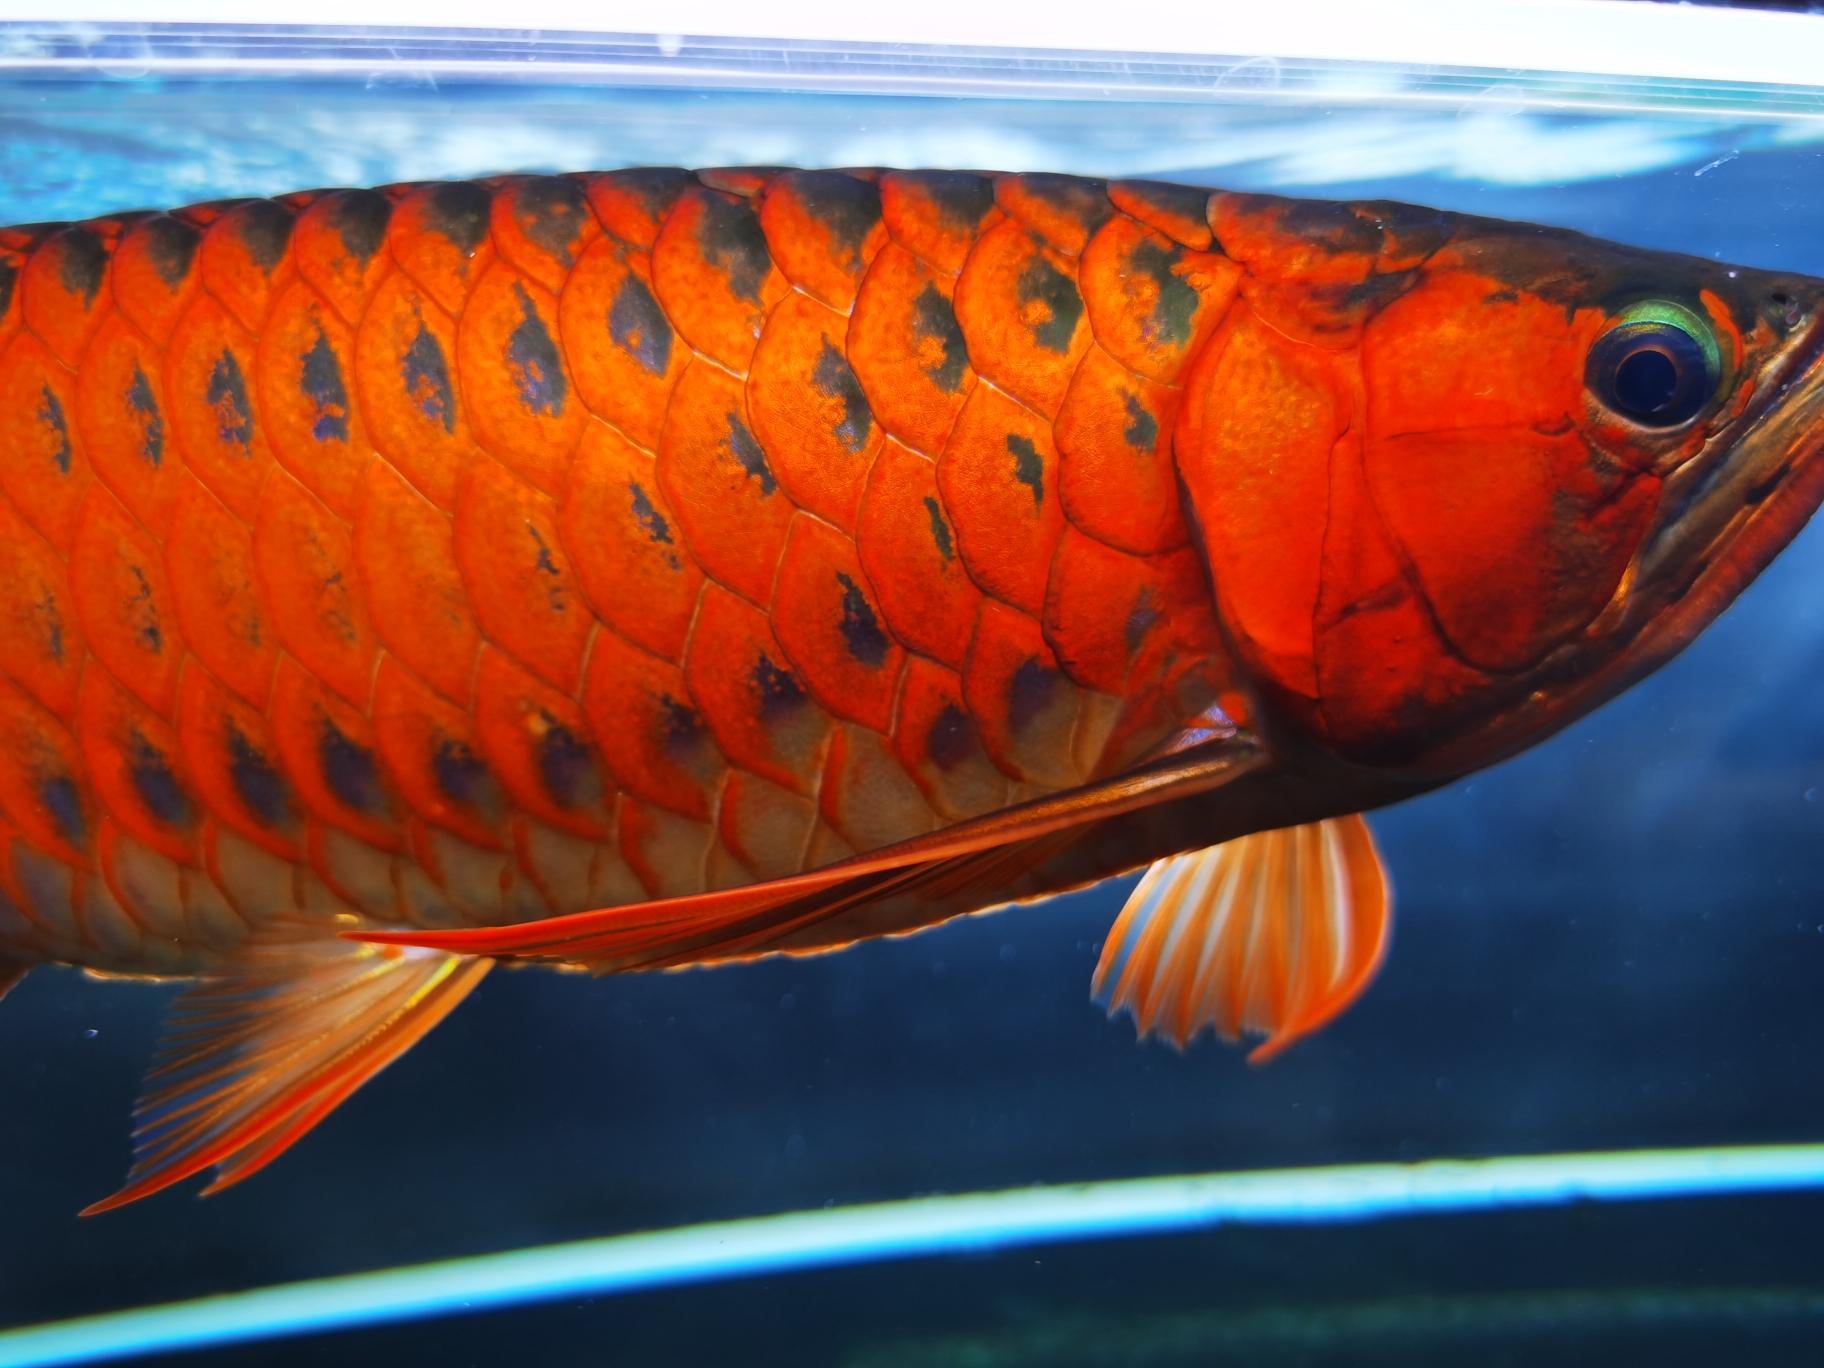 不喜勿喷 北京观赏鱼 北京龙鱼第2张